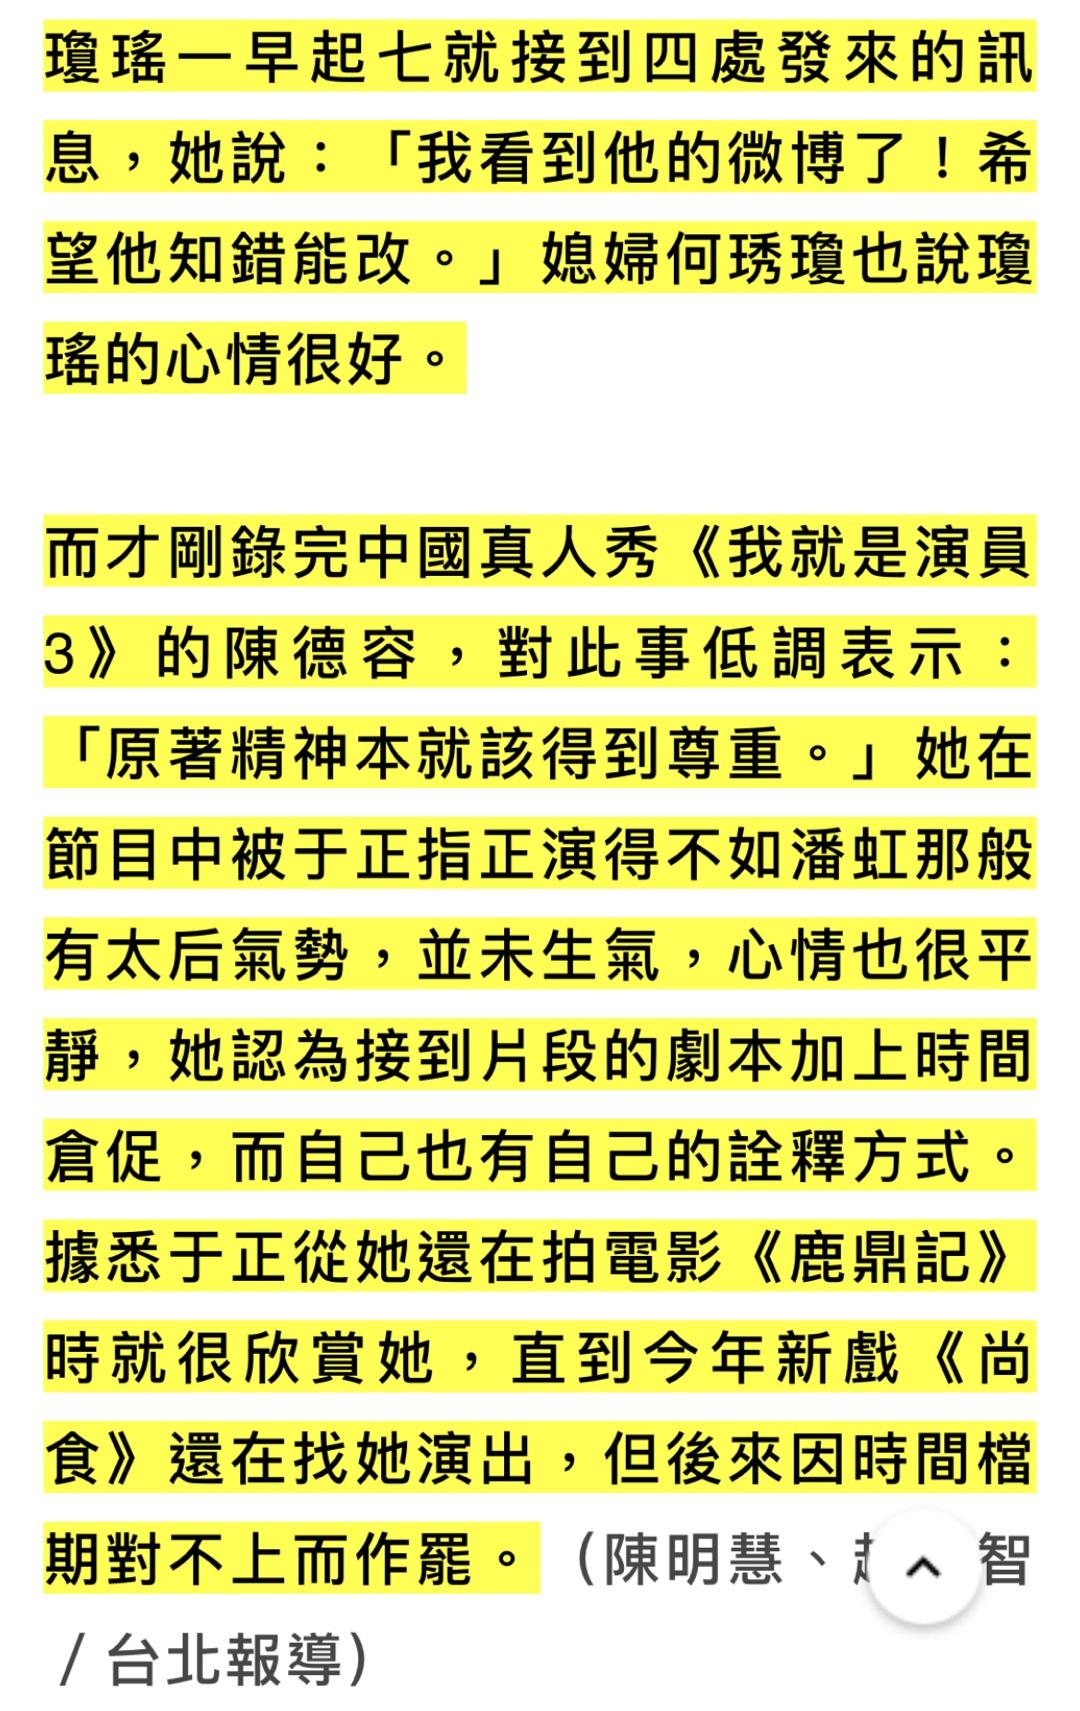 琼瑶接受采访回应于正道歉